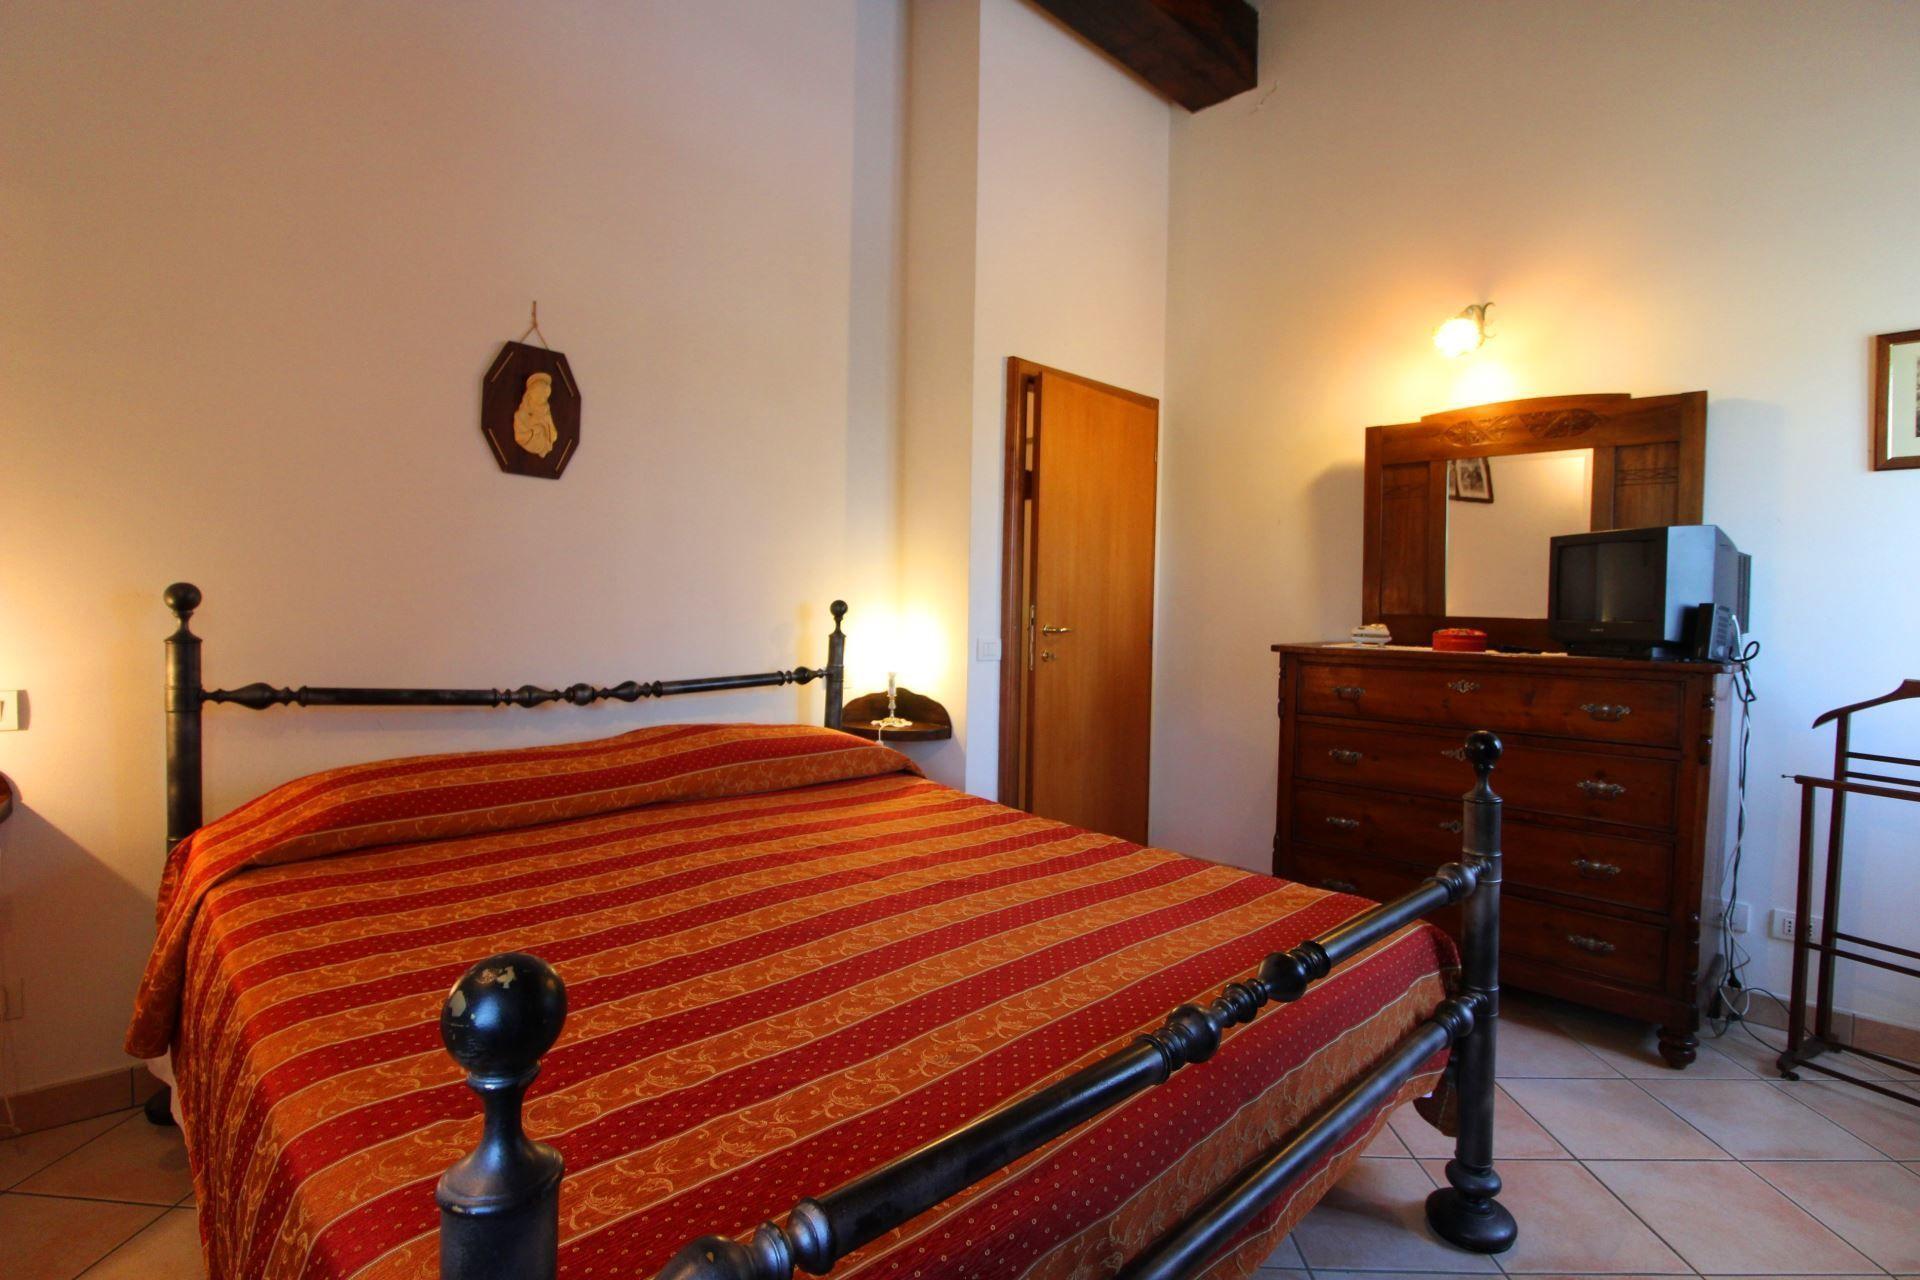 Il Viaggiolo Ferienhauser Toskana Fur Personen Mit Schlafzimmer Unterkunft In Foiano Della Chiana